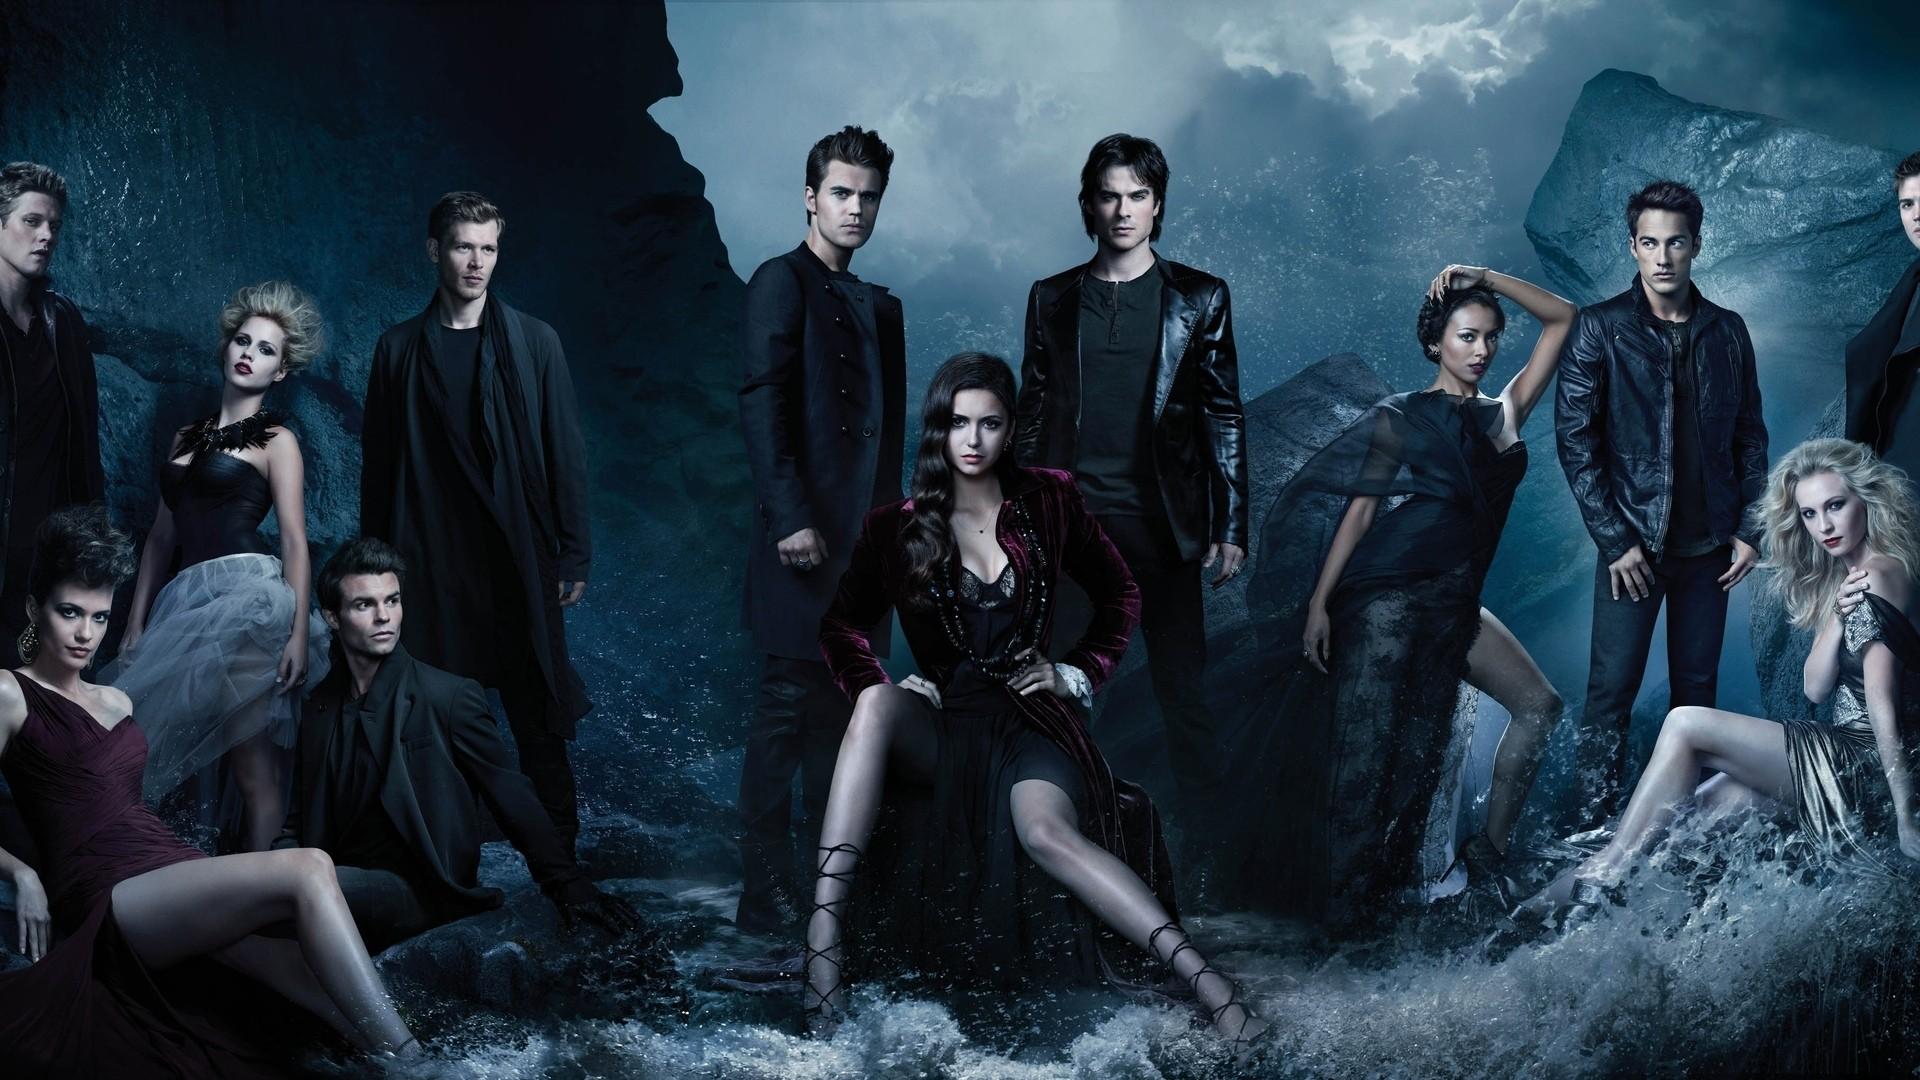 Vampire Diaries hd wallpaper download